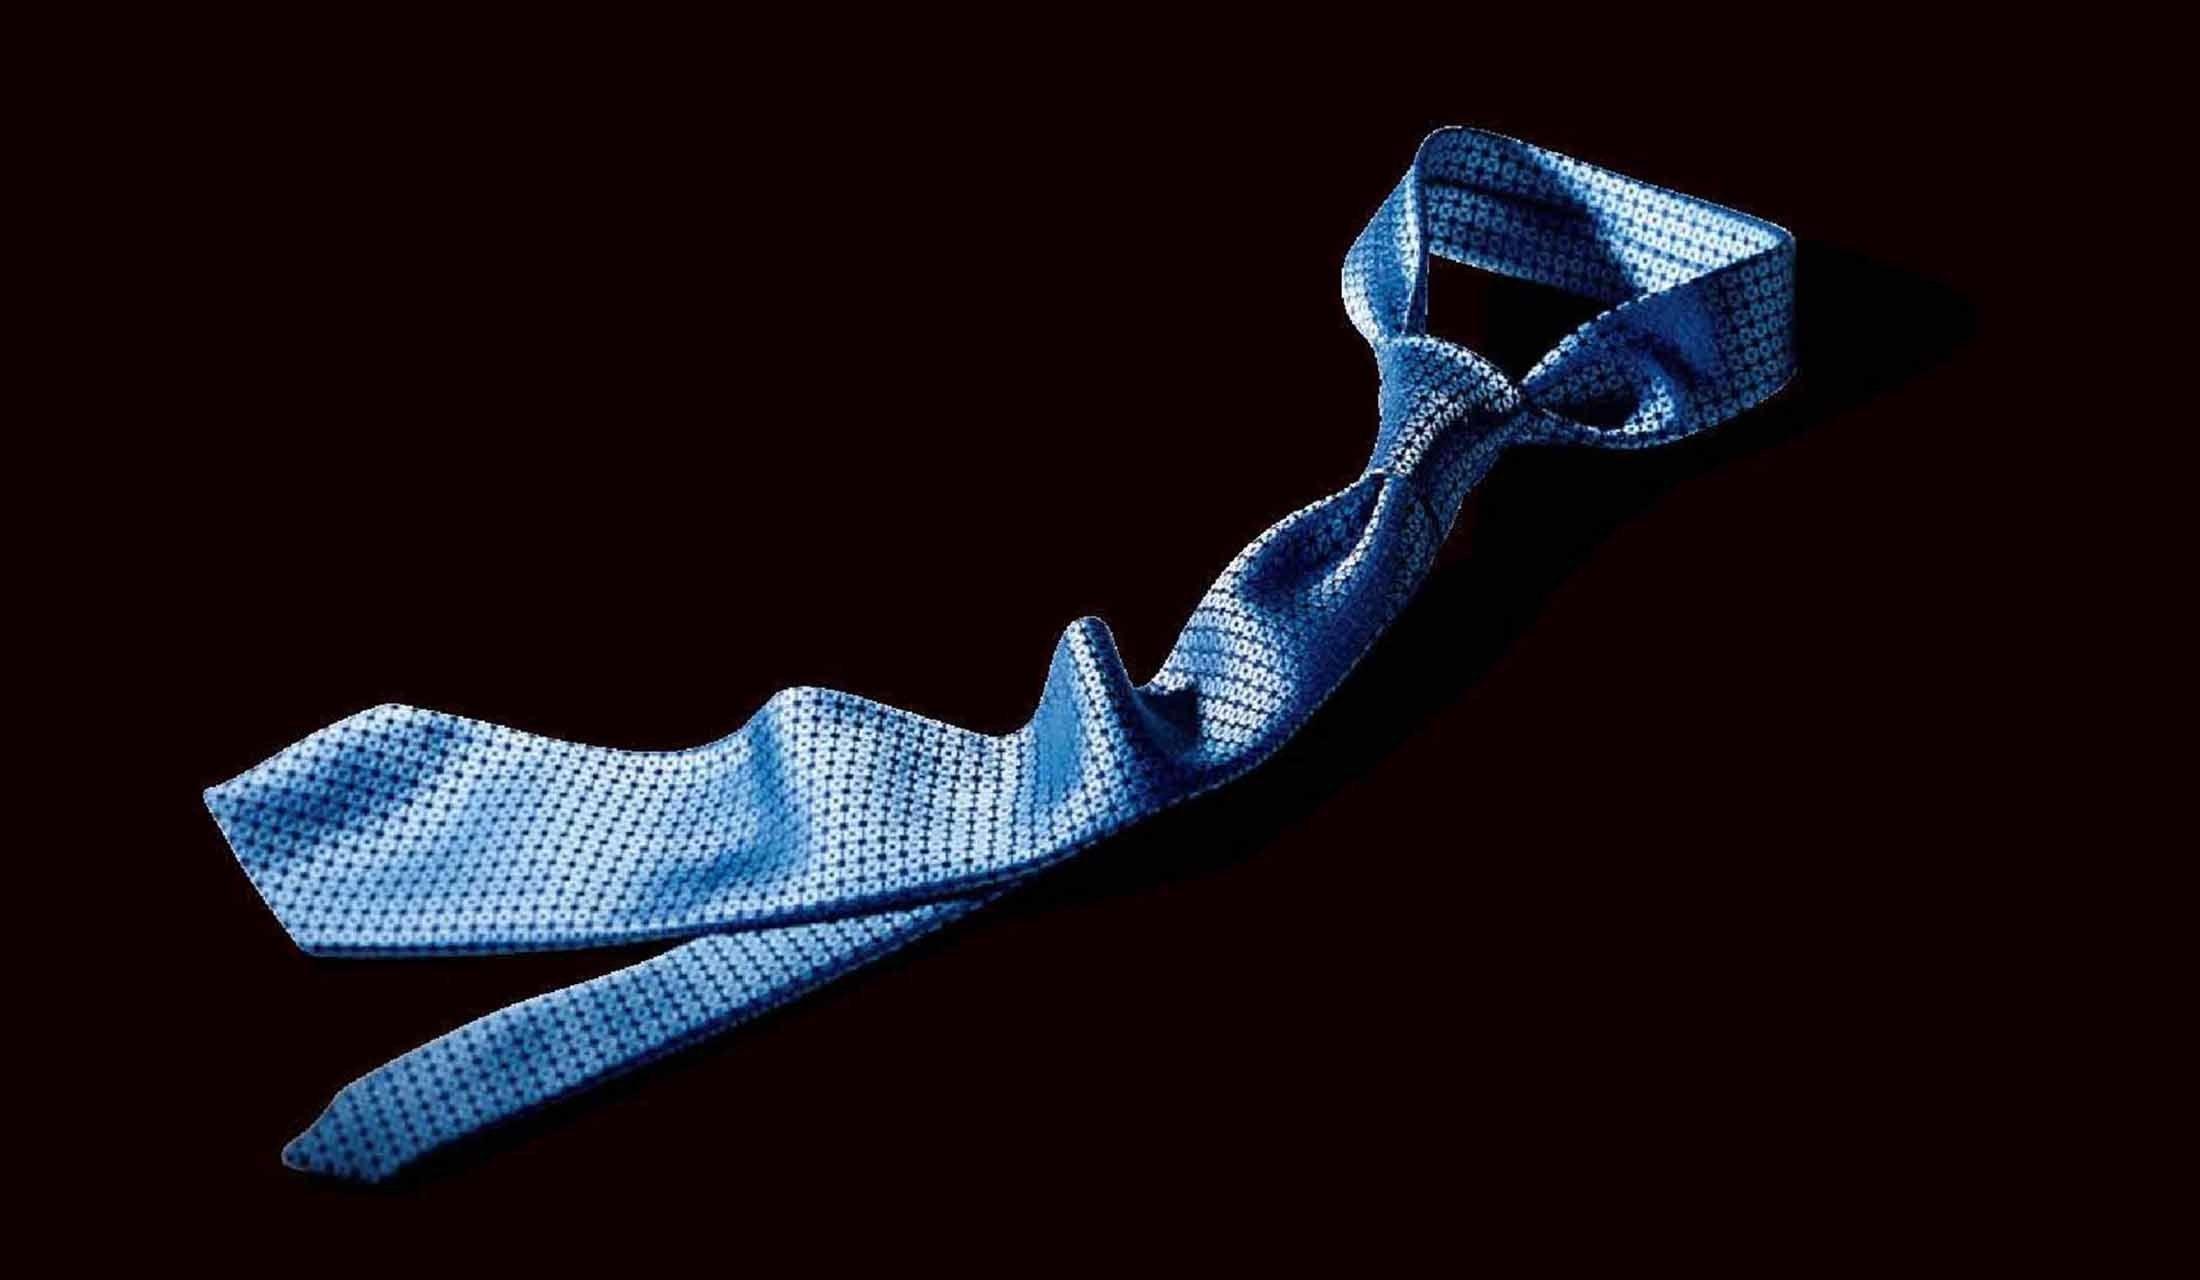 プレーンノット結びのネクタイ